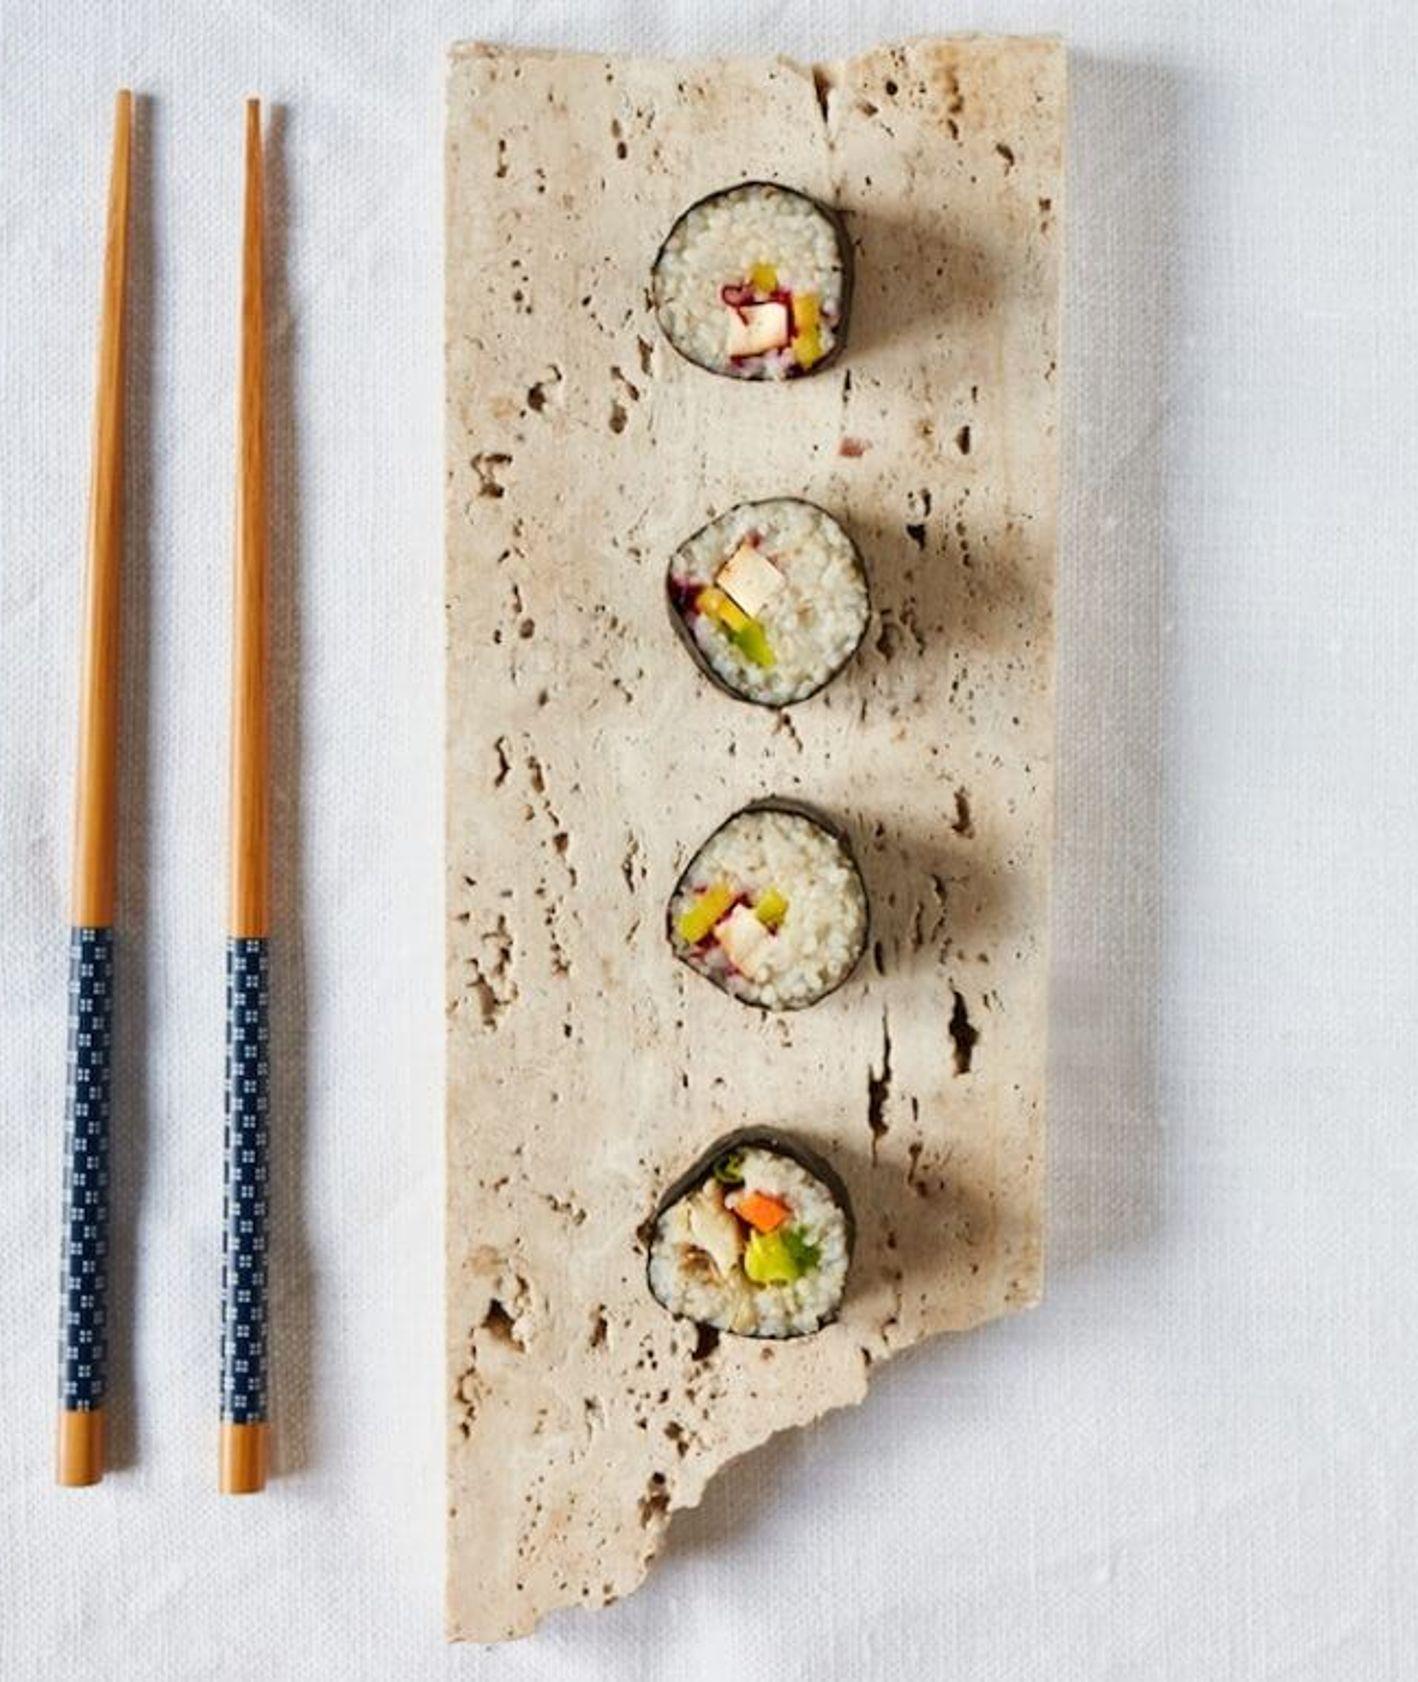 sushi z kaszy, sushi, polskie sushi, wegańskie sushi, sushi z warzywami, sushi z łososiem, szybki obiad, kasza jęczmienna, obiad na wynos, polskie wasabi